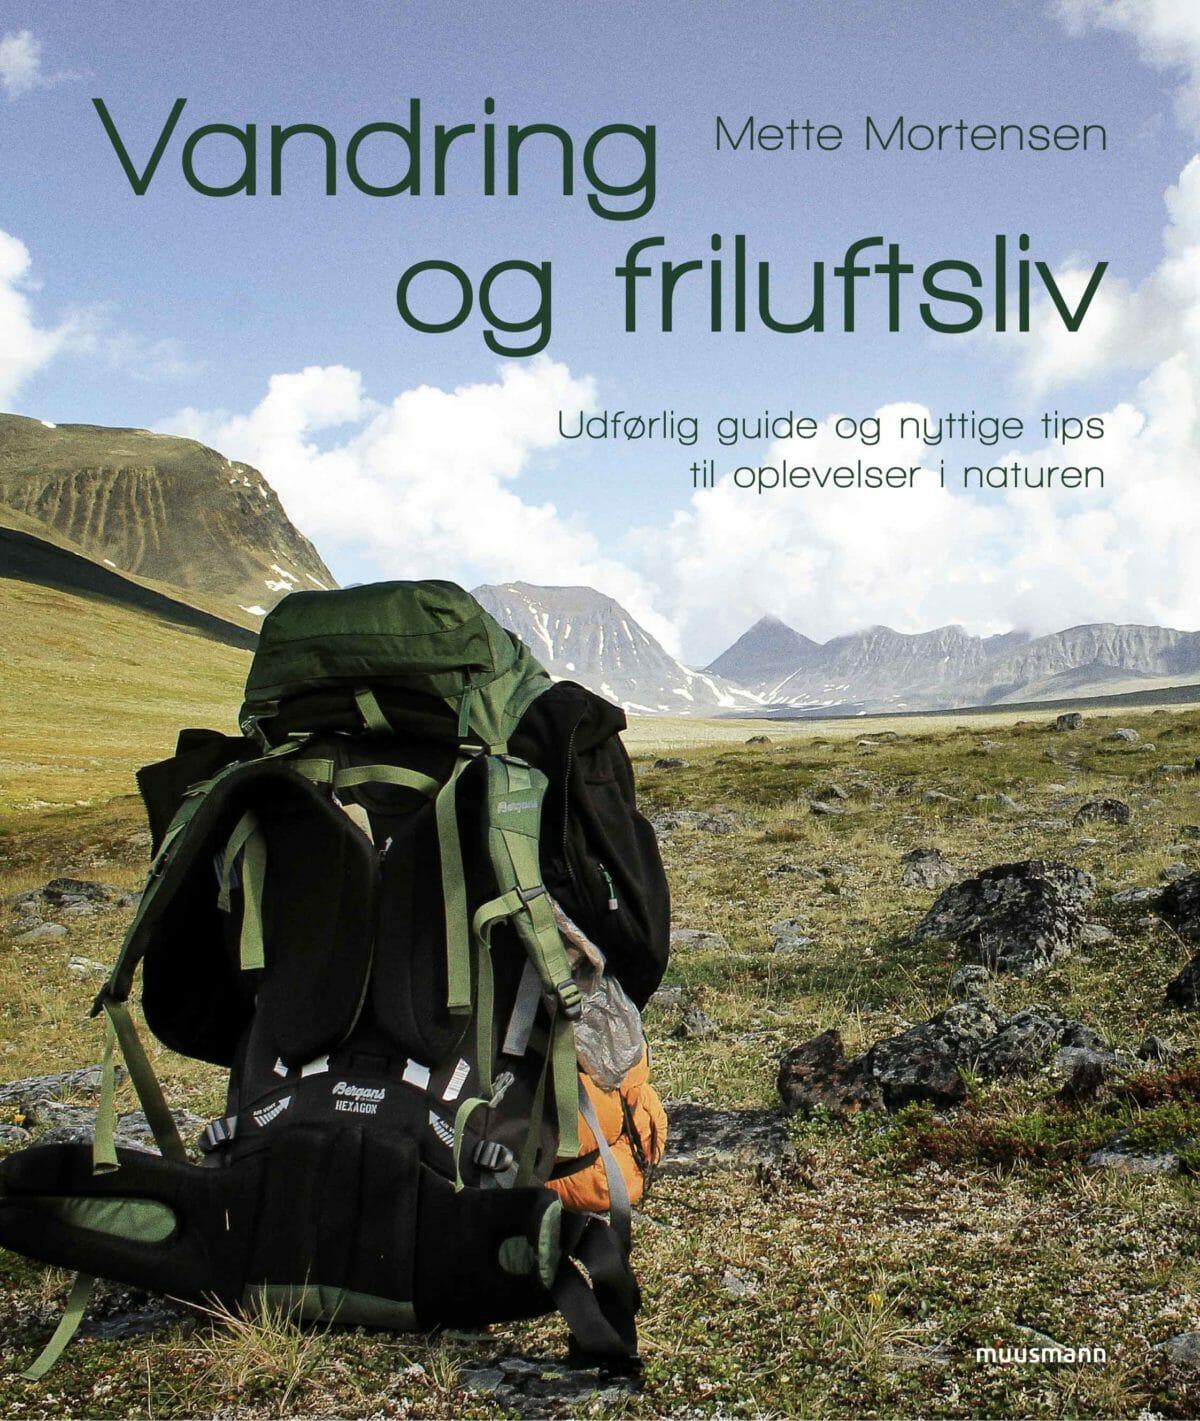 Ny guide til vandring og friluftsliv